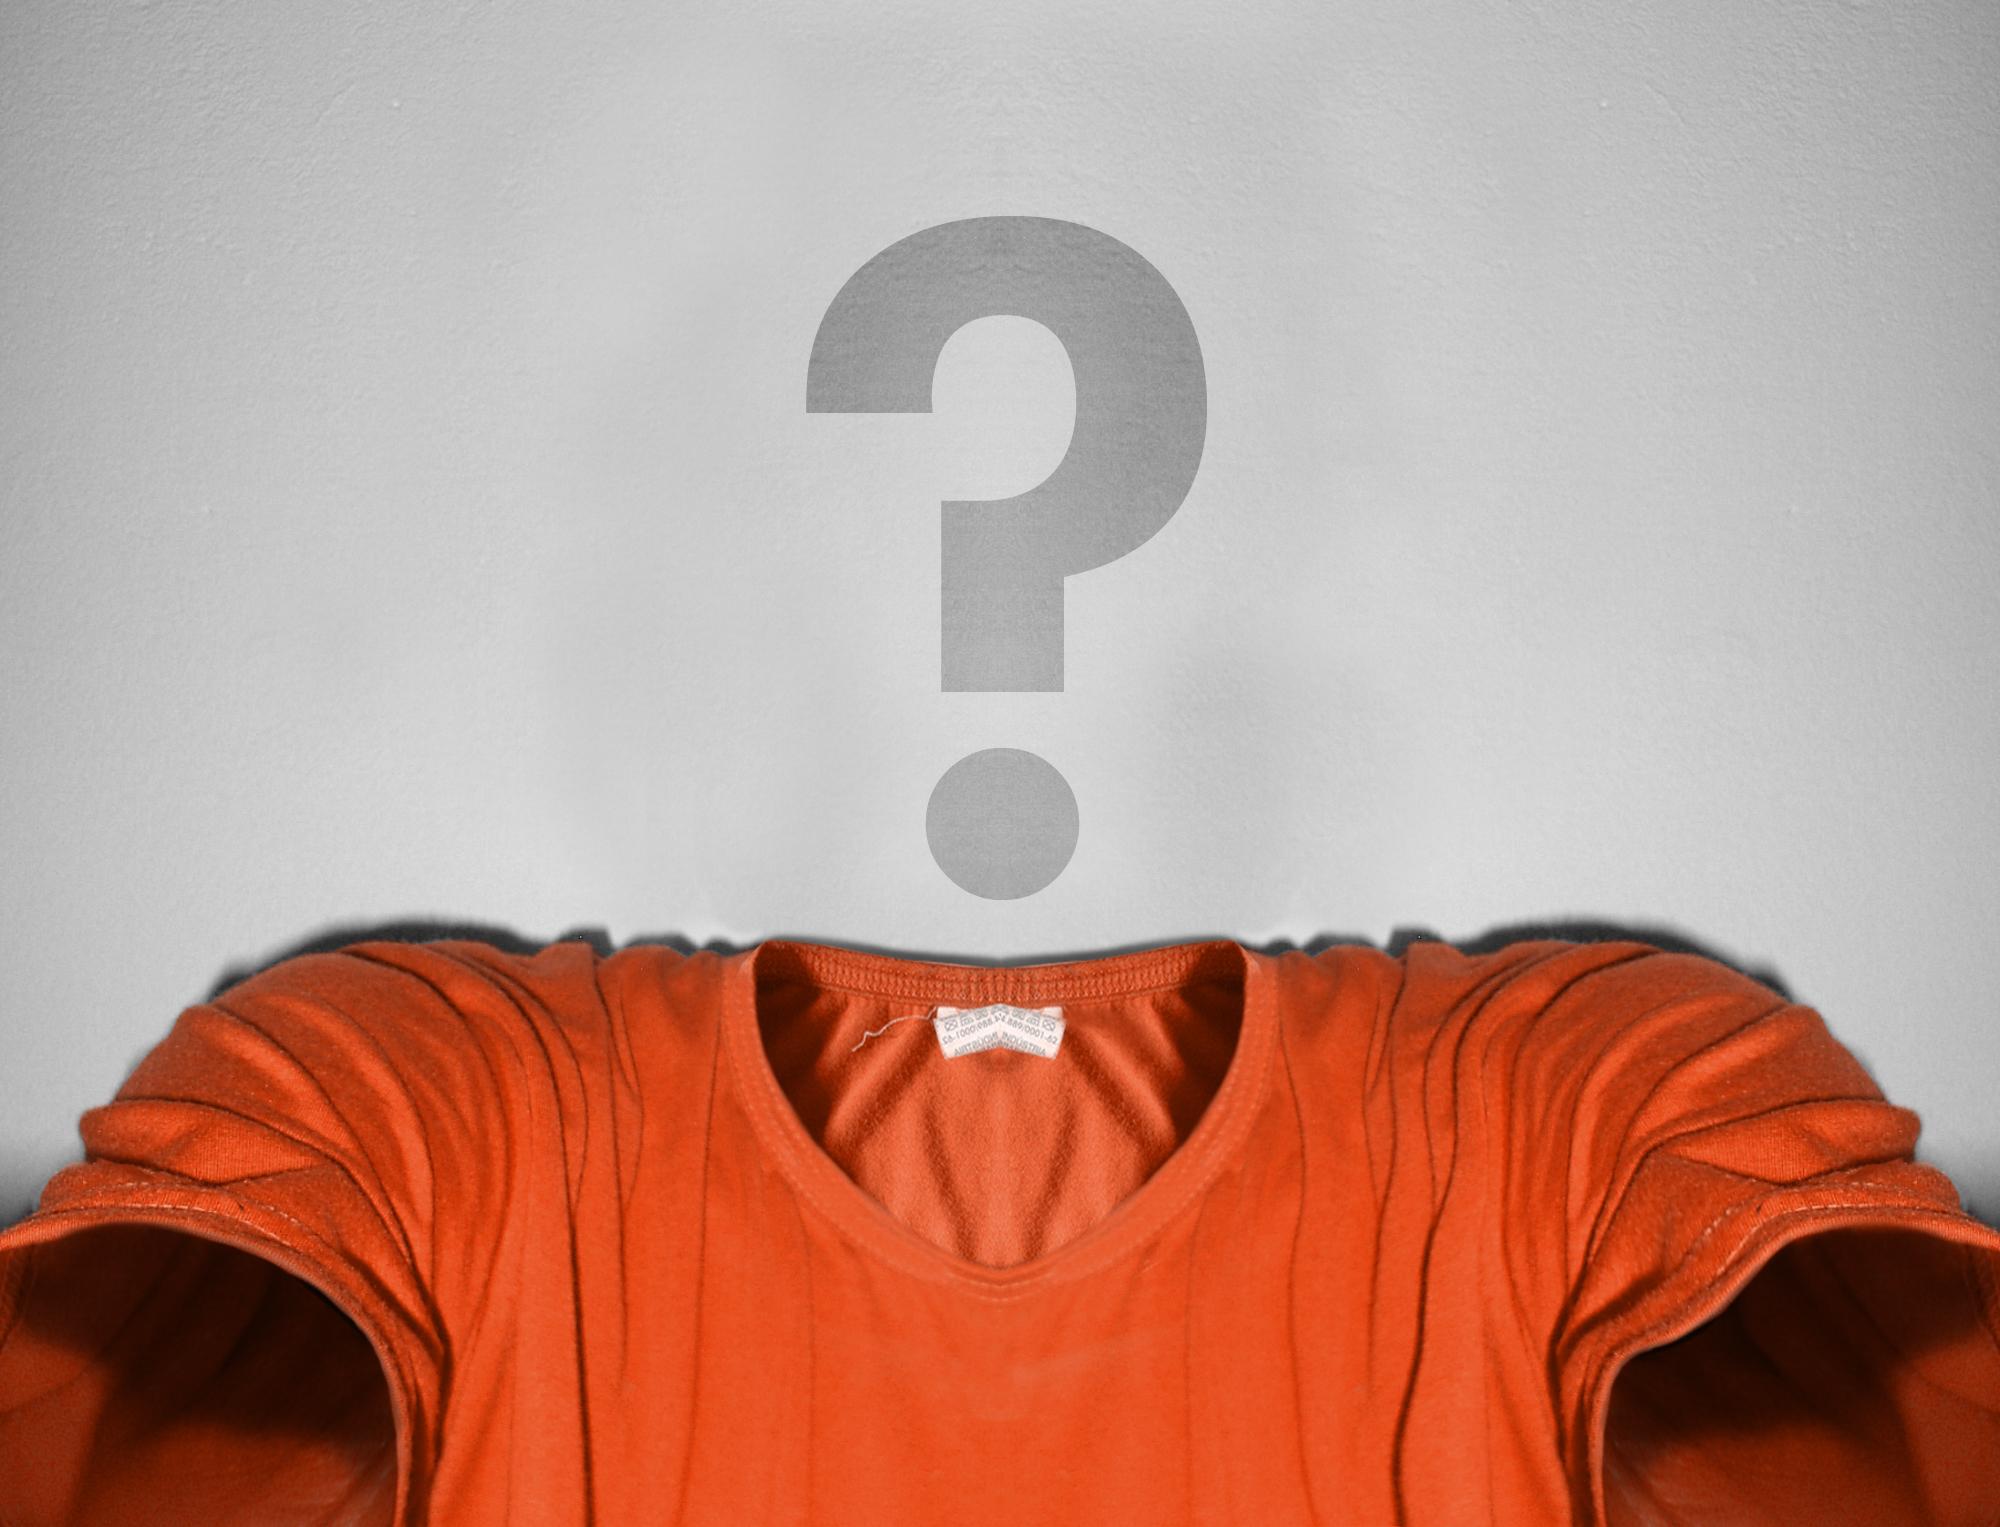 Loan Officers - A Vanishing Breed?